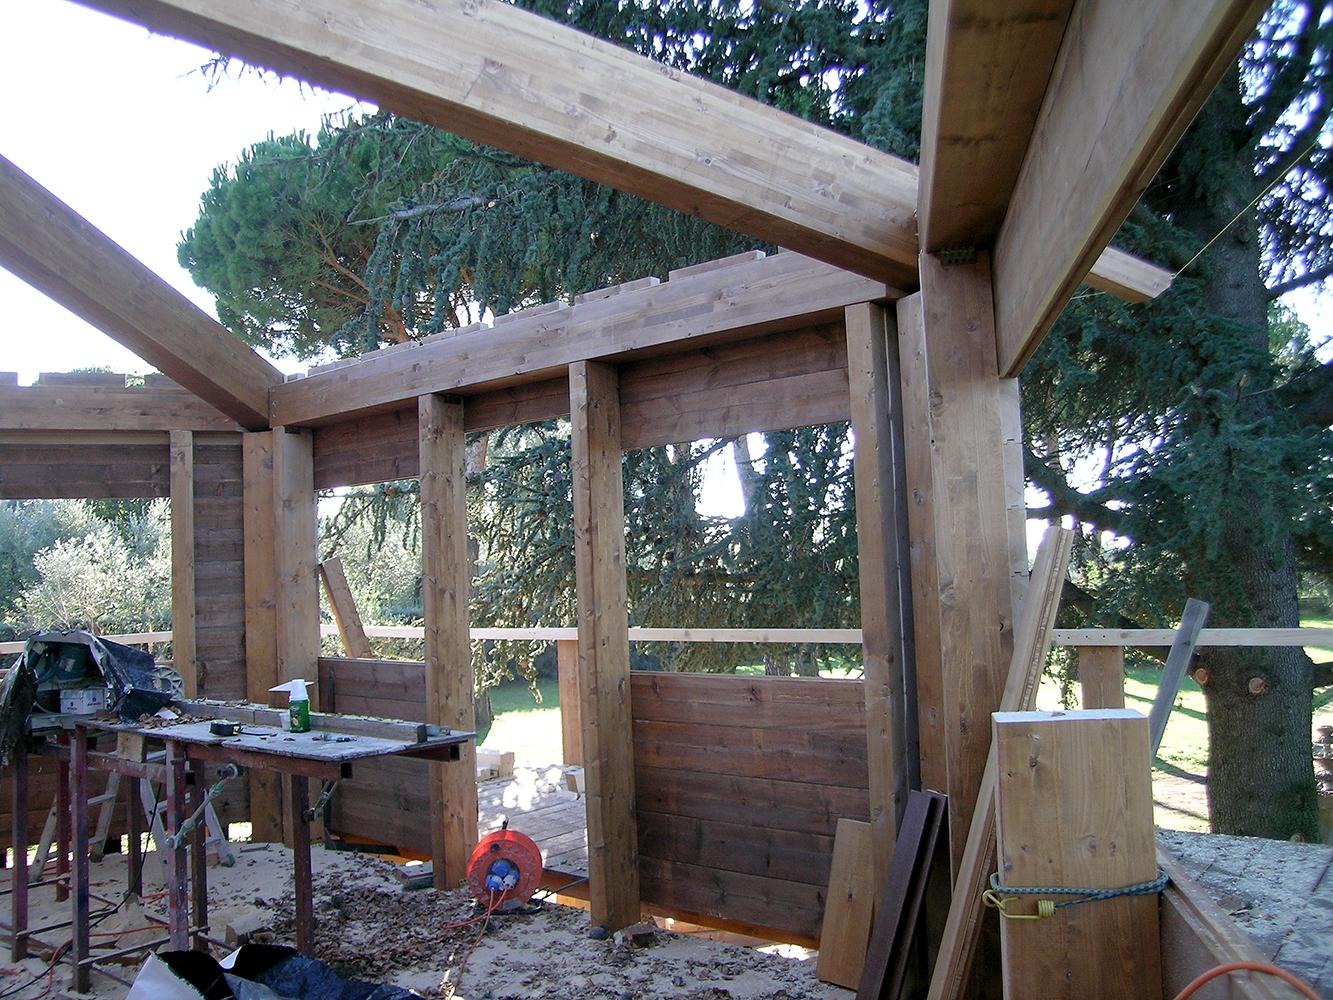 Excellent costruirsi casa da soli construct your own house with come casa da soli - Costruire casa da soli ...